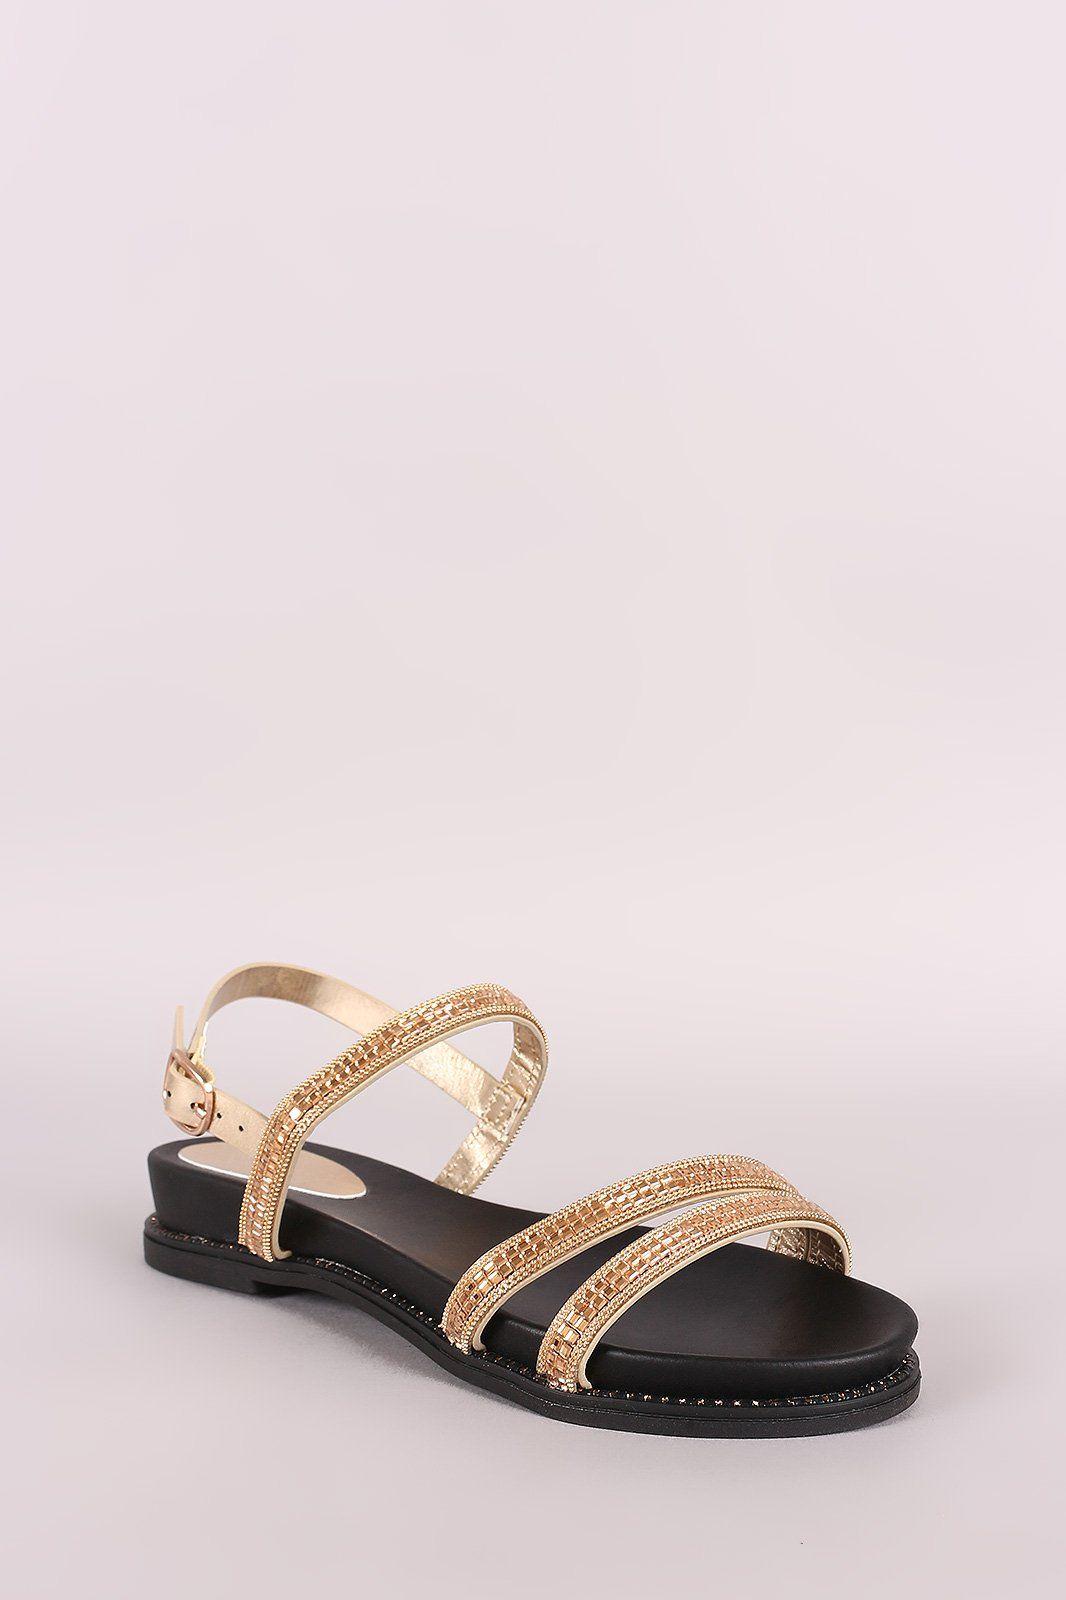 9f55b986d526 Bamboo Rhinestone Embellished Triple Band Slingback Flat Sandal in ...